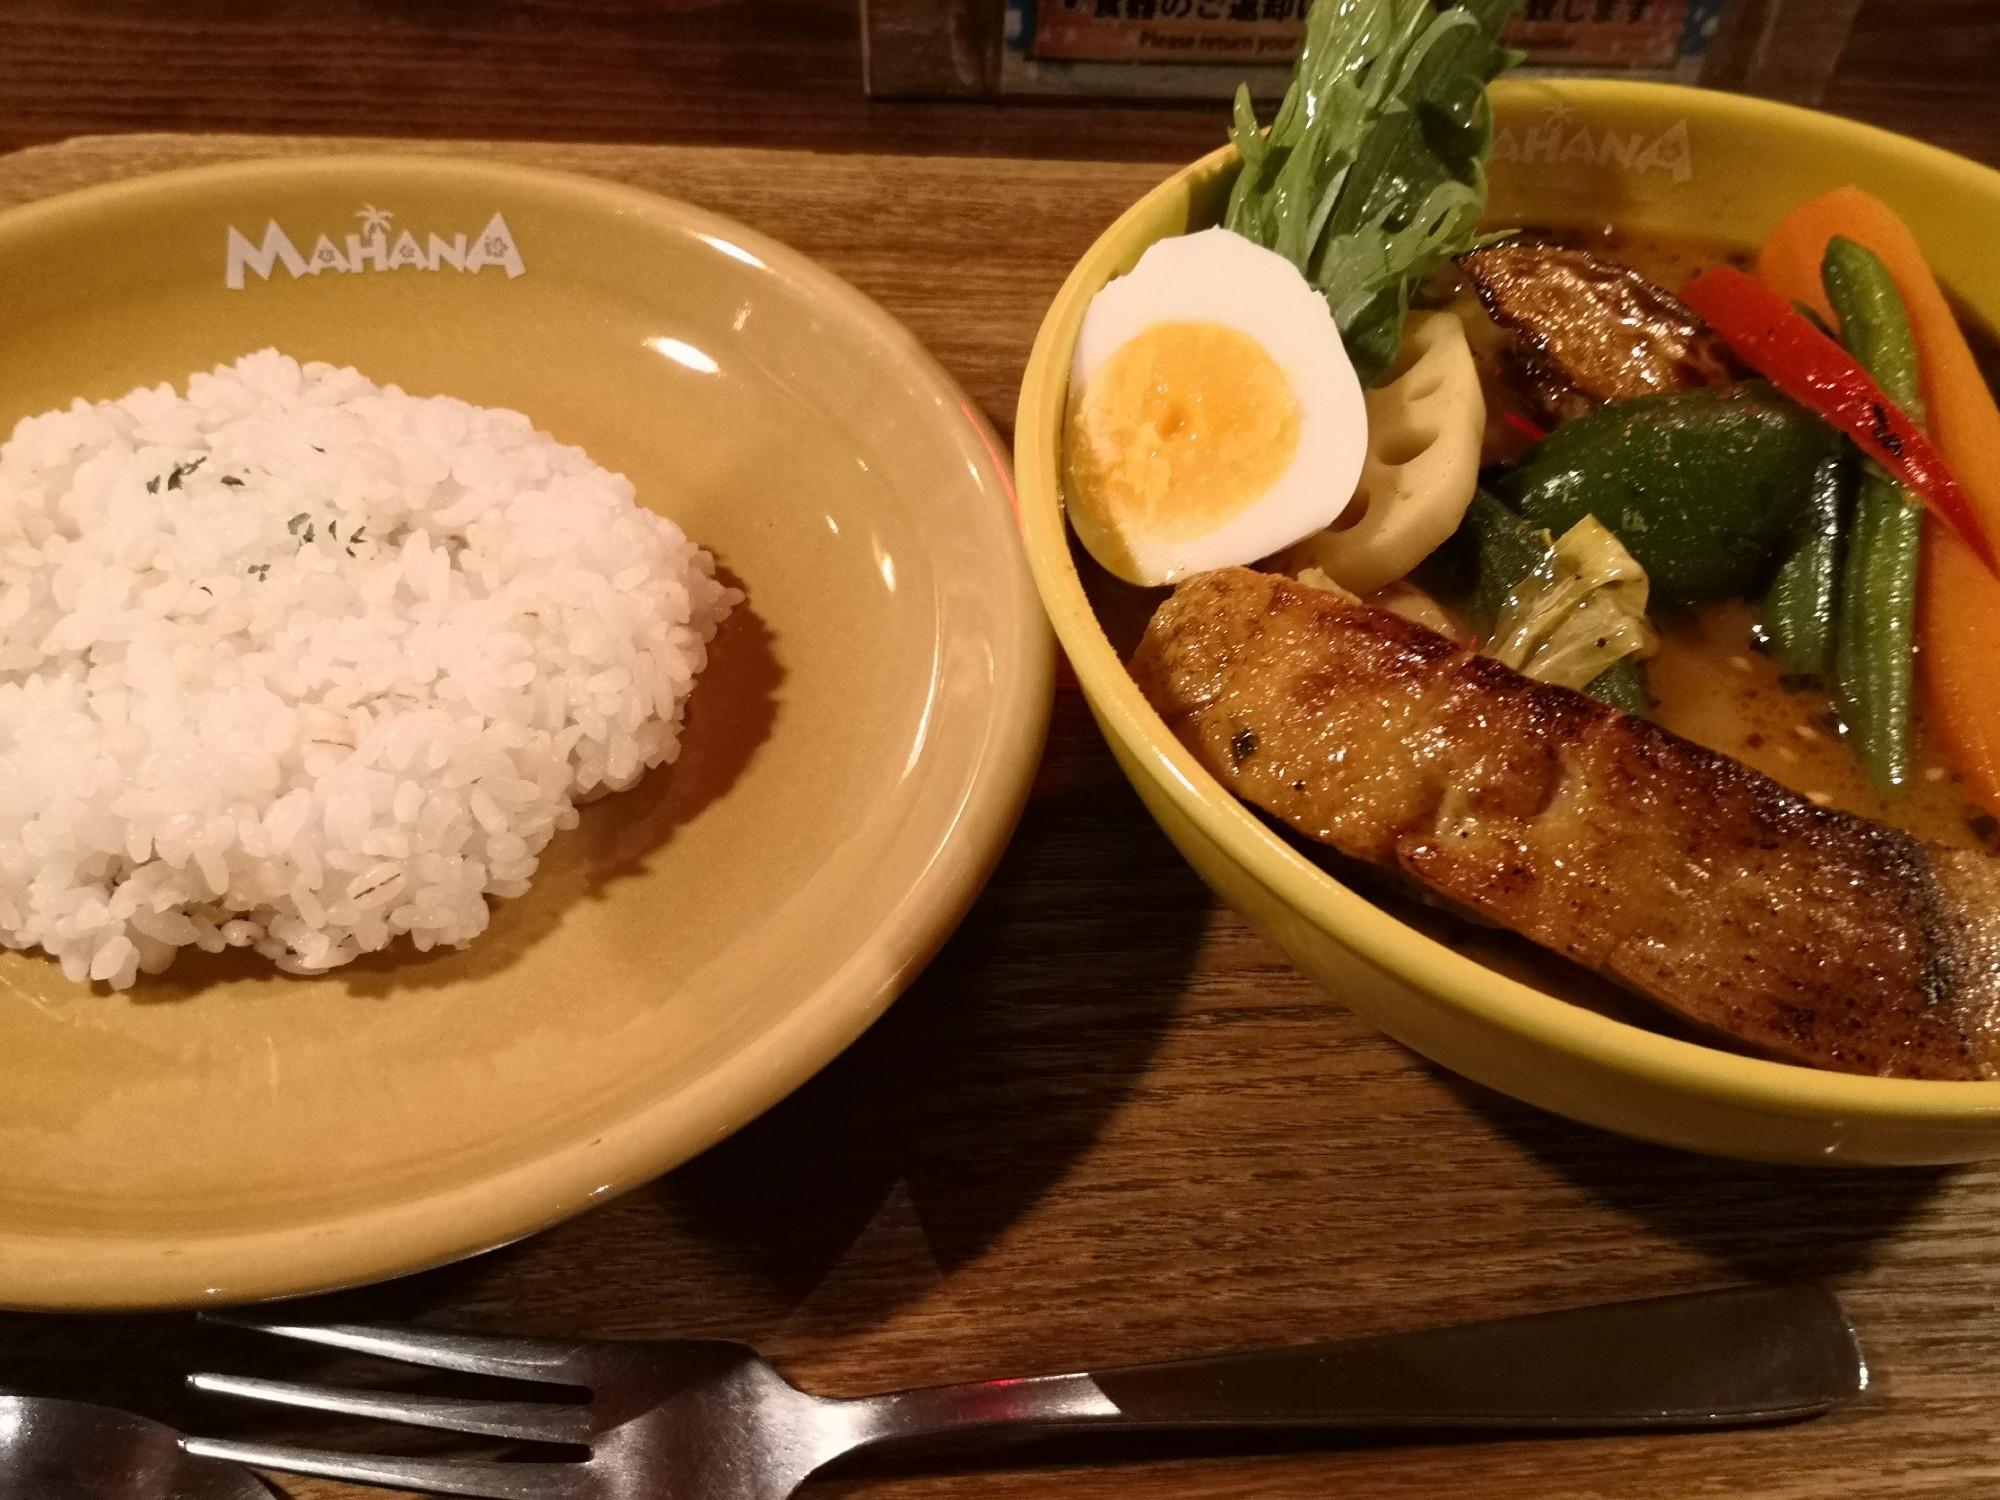 札幌グルメ スープカレー 札幌駅近く マハナ